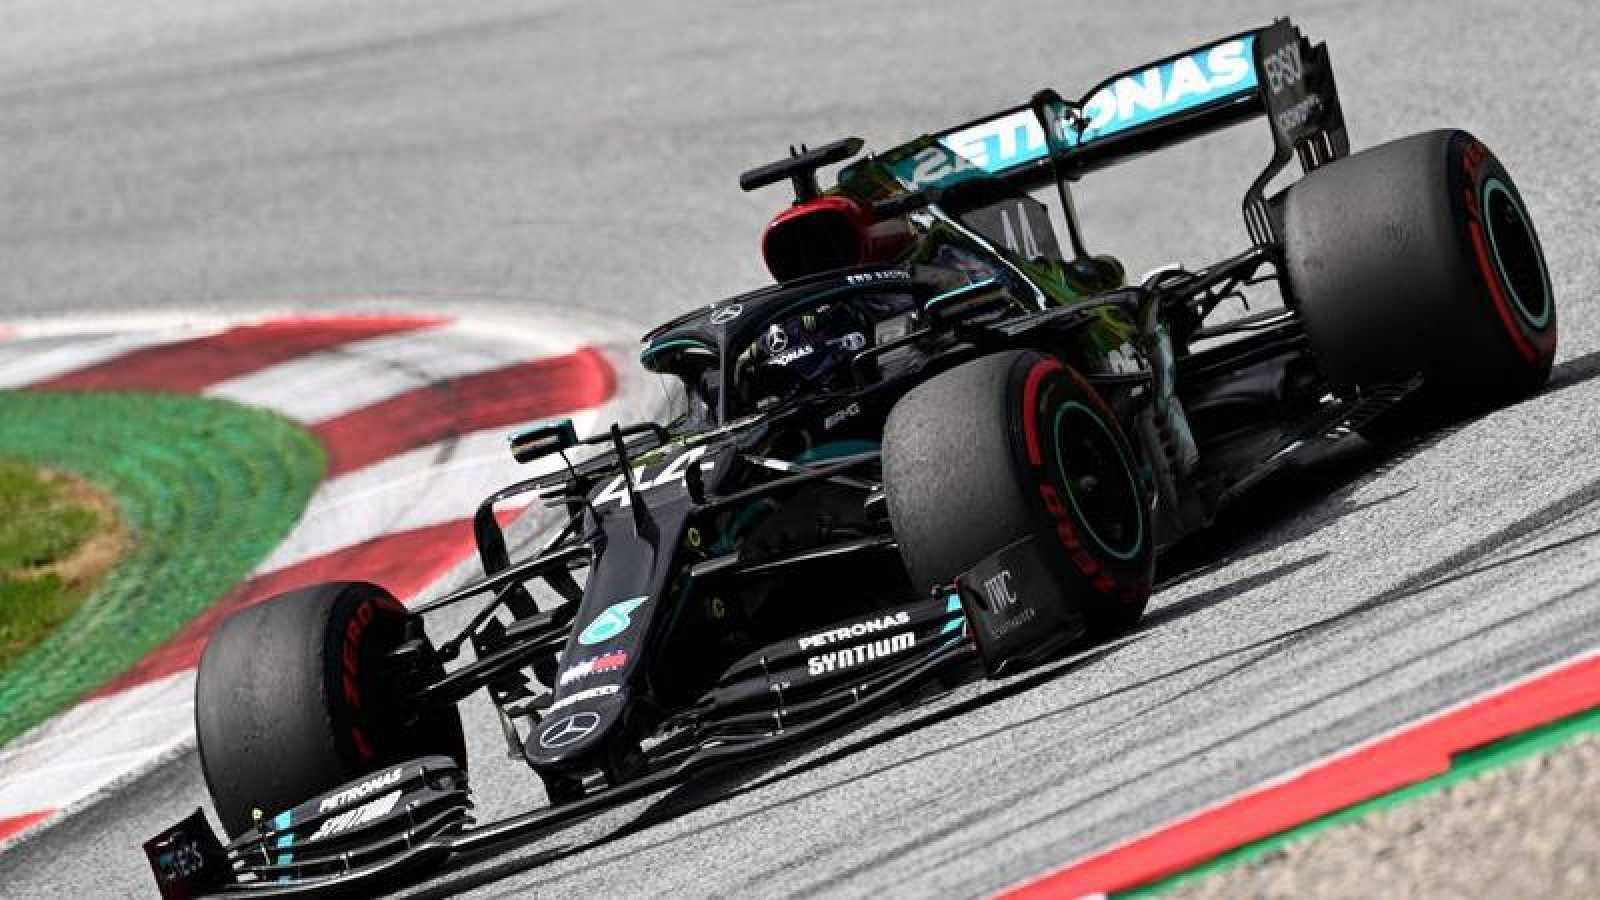 El piloto británico Lewis Hamilton en el circuito de Spielberg en Austria.